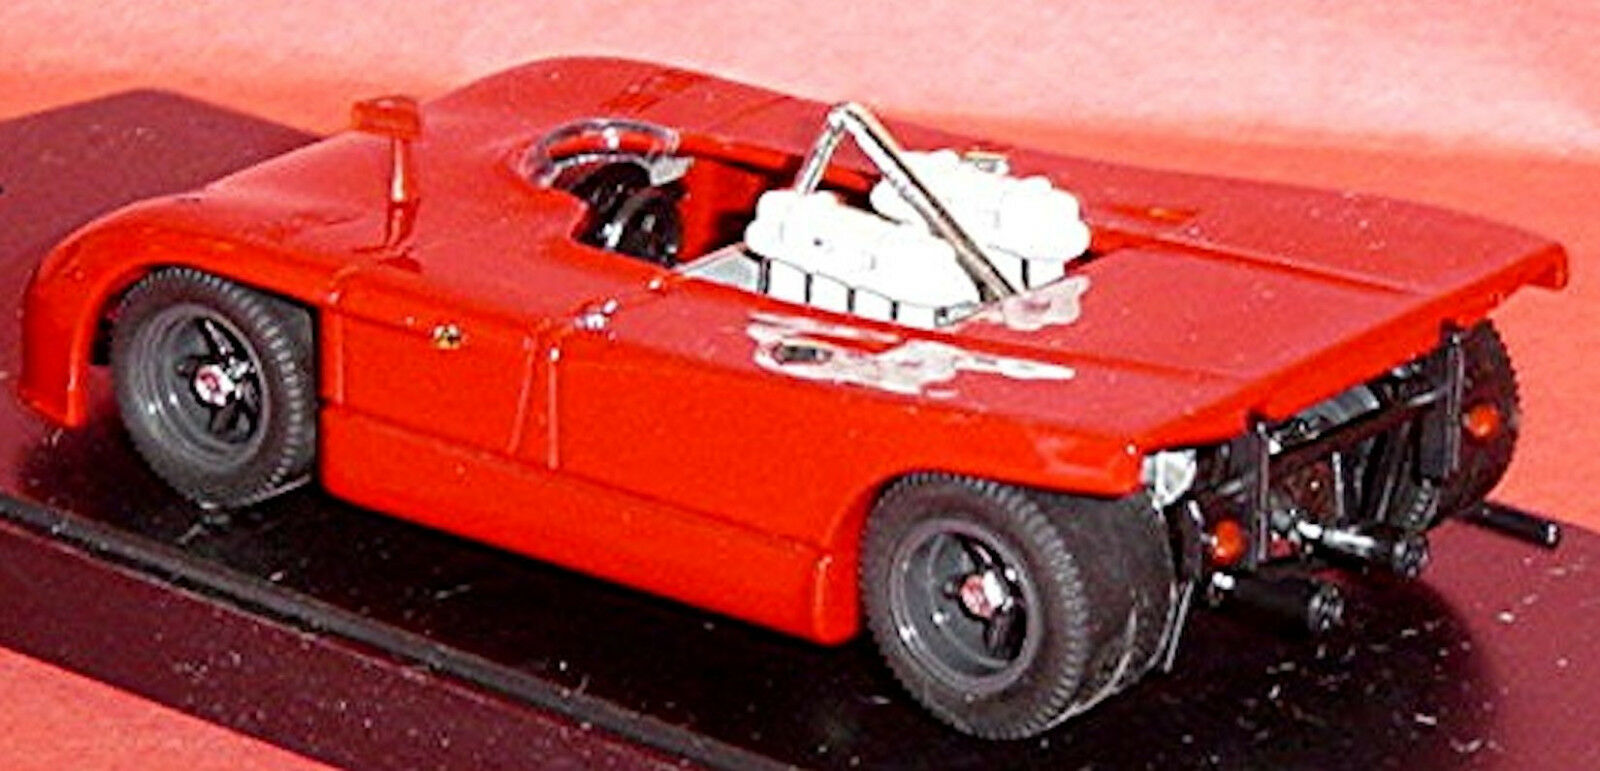 Porsche 908 3 Prova Prova Prova Red 1 43 Best Model 151fcd